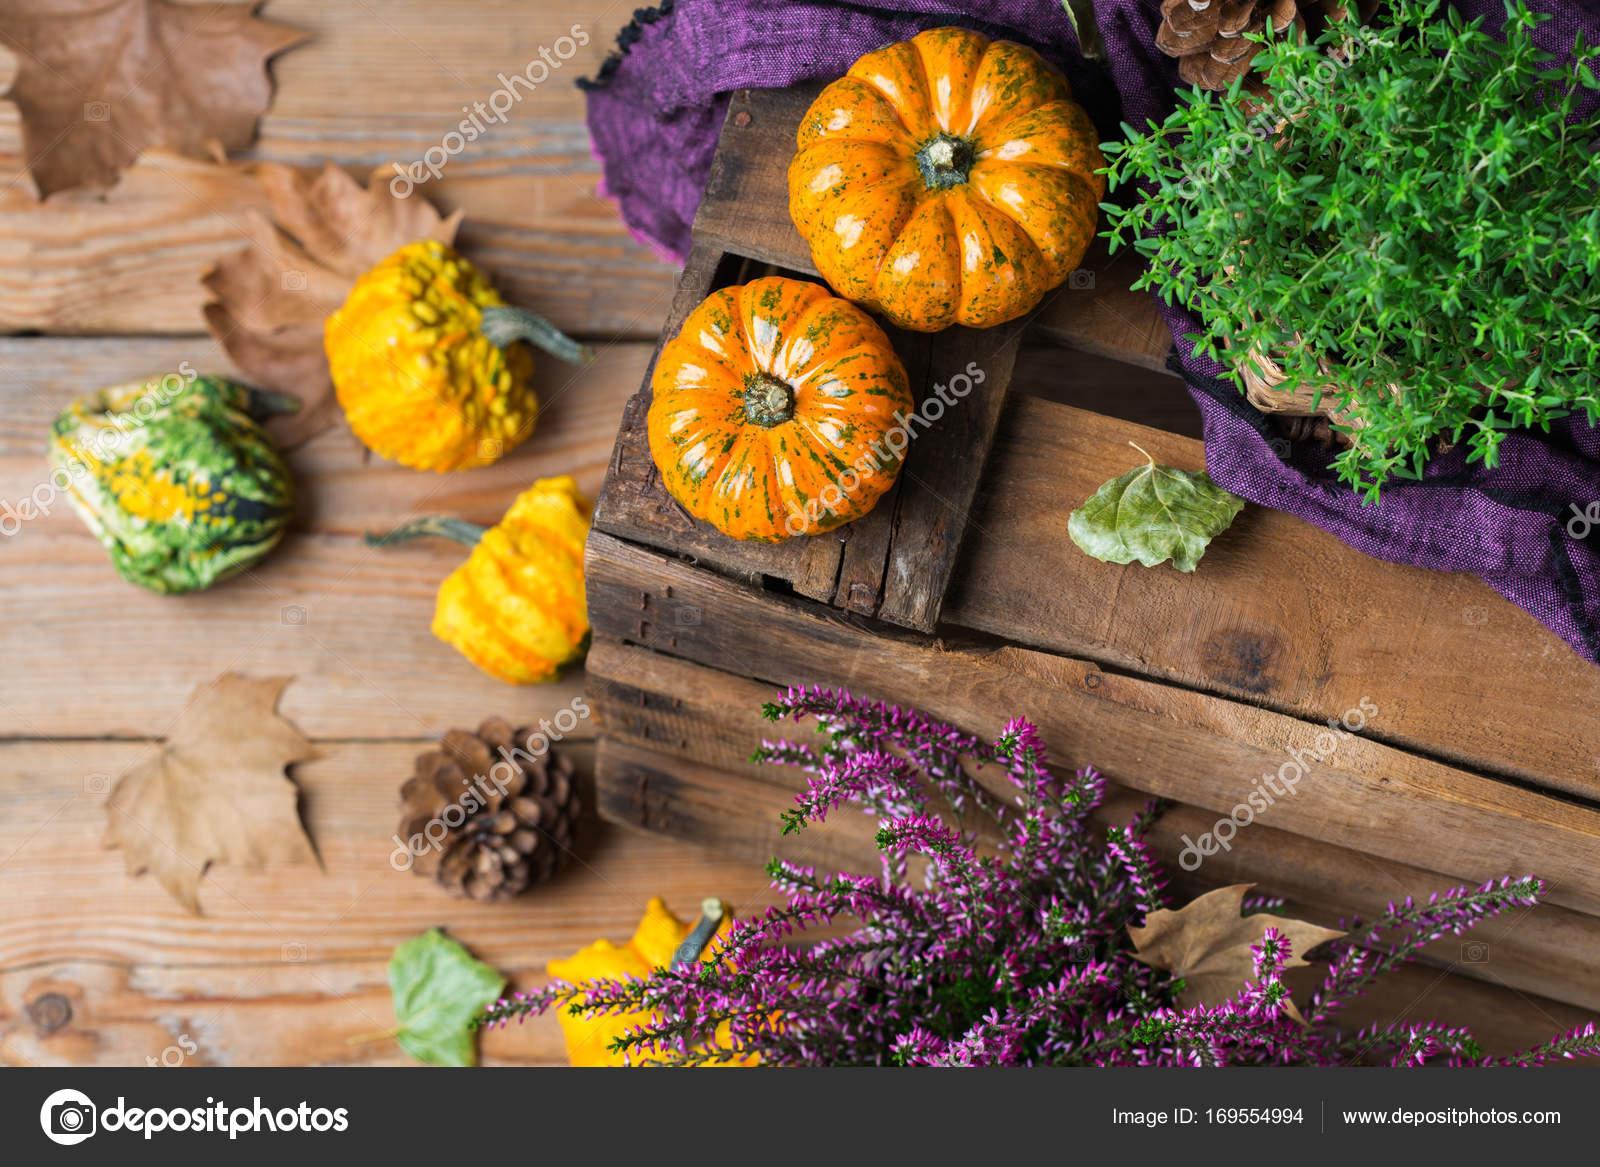 Herbst Herbst Ernte Hintergrund Mit Danksagung Dekorative Festliche